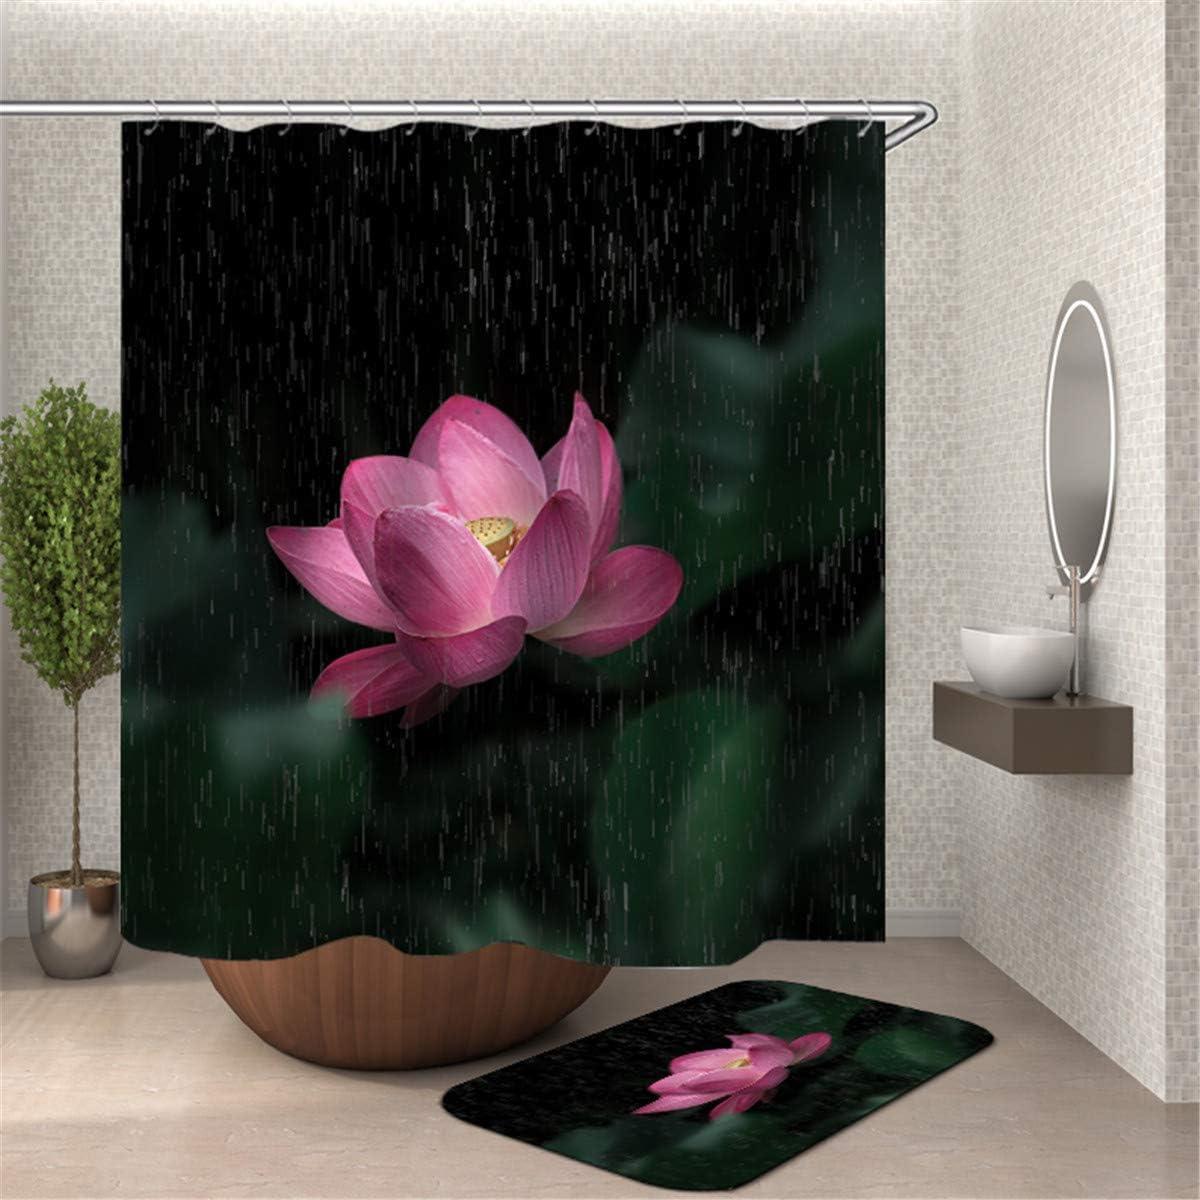 90x180cm,Cactus Chickwin Flor Animales Impermeable Cortina de Ducha Antimoho Antibacteriano 3D Impresi/ón Dise/ño Cortina de Ba/ño//Ducha//Ba/ñera 100/% Poli/éster con 12 Anillos